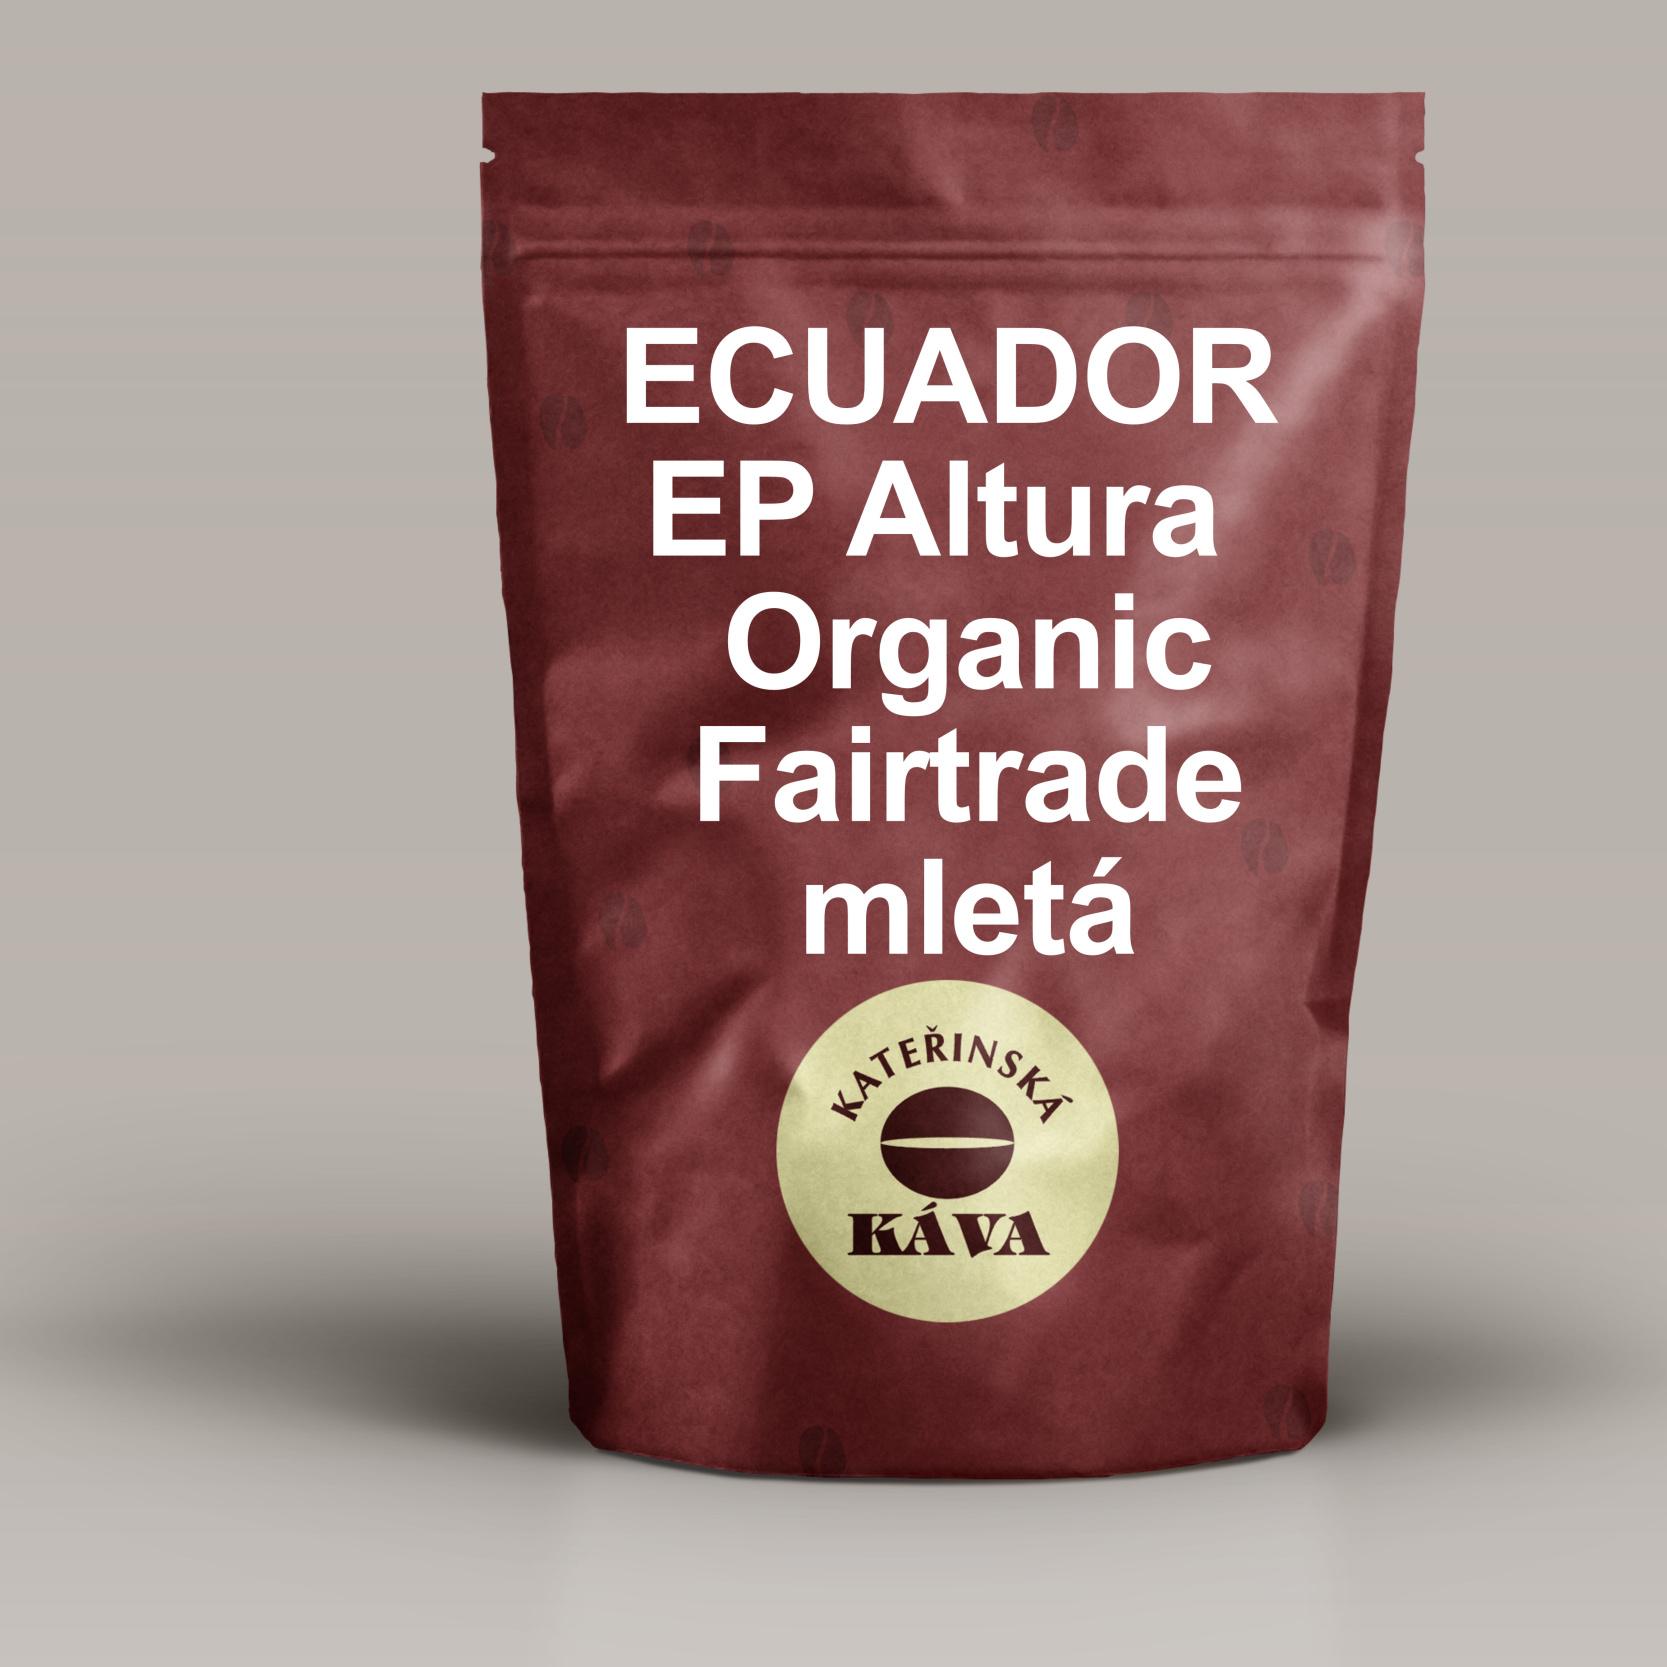 ECUADOR EP Altura Organic Fairtrade – Mletá